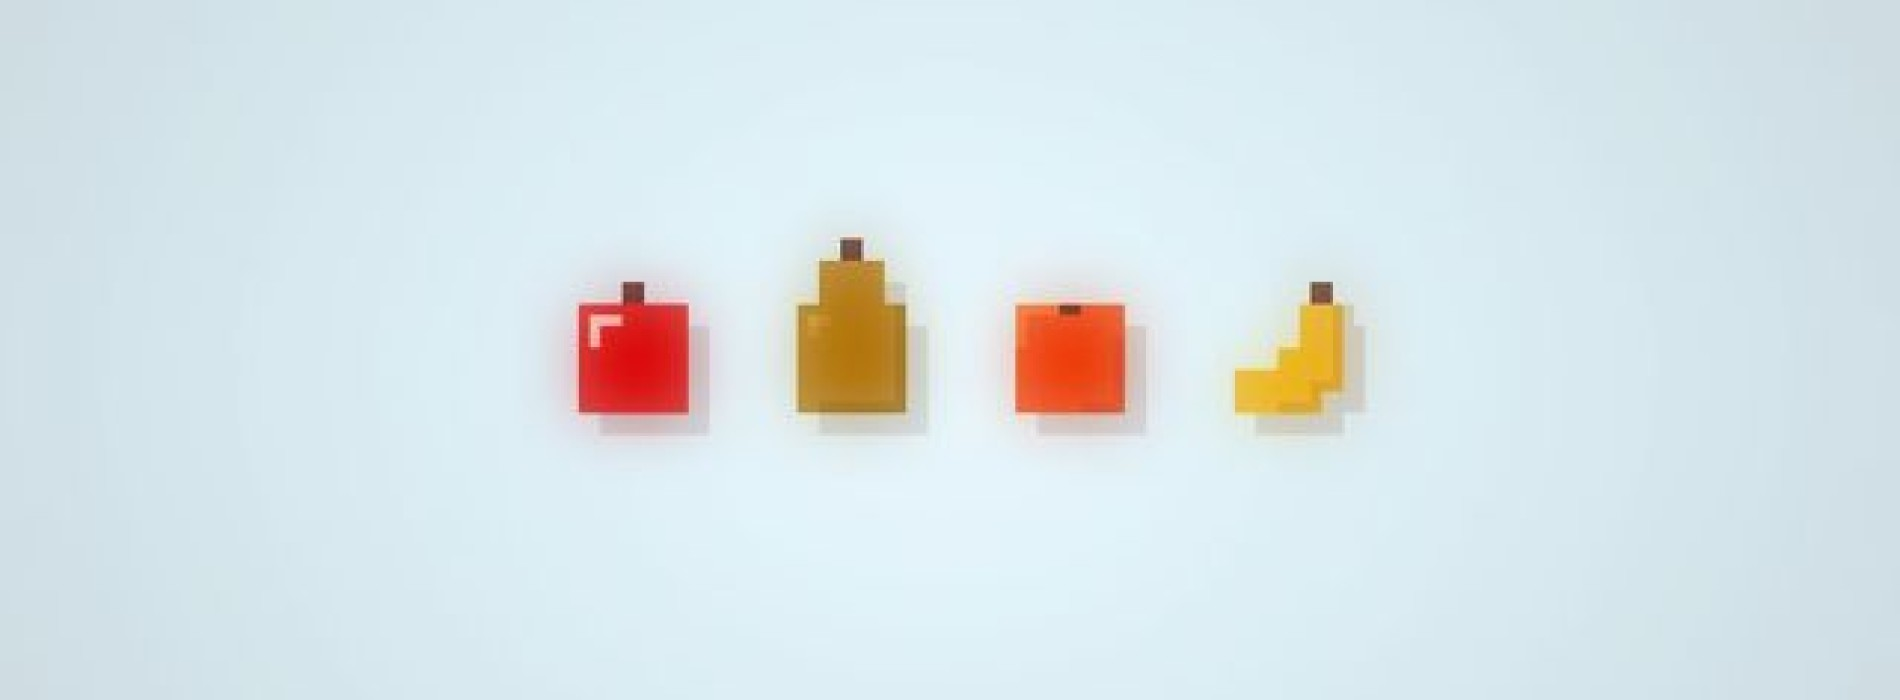 Frutta in 3D, l'innovazione è servita (ma su gusto e proprietà è ancora tutto da valutare)